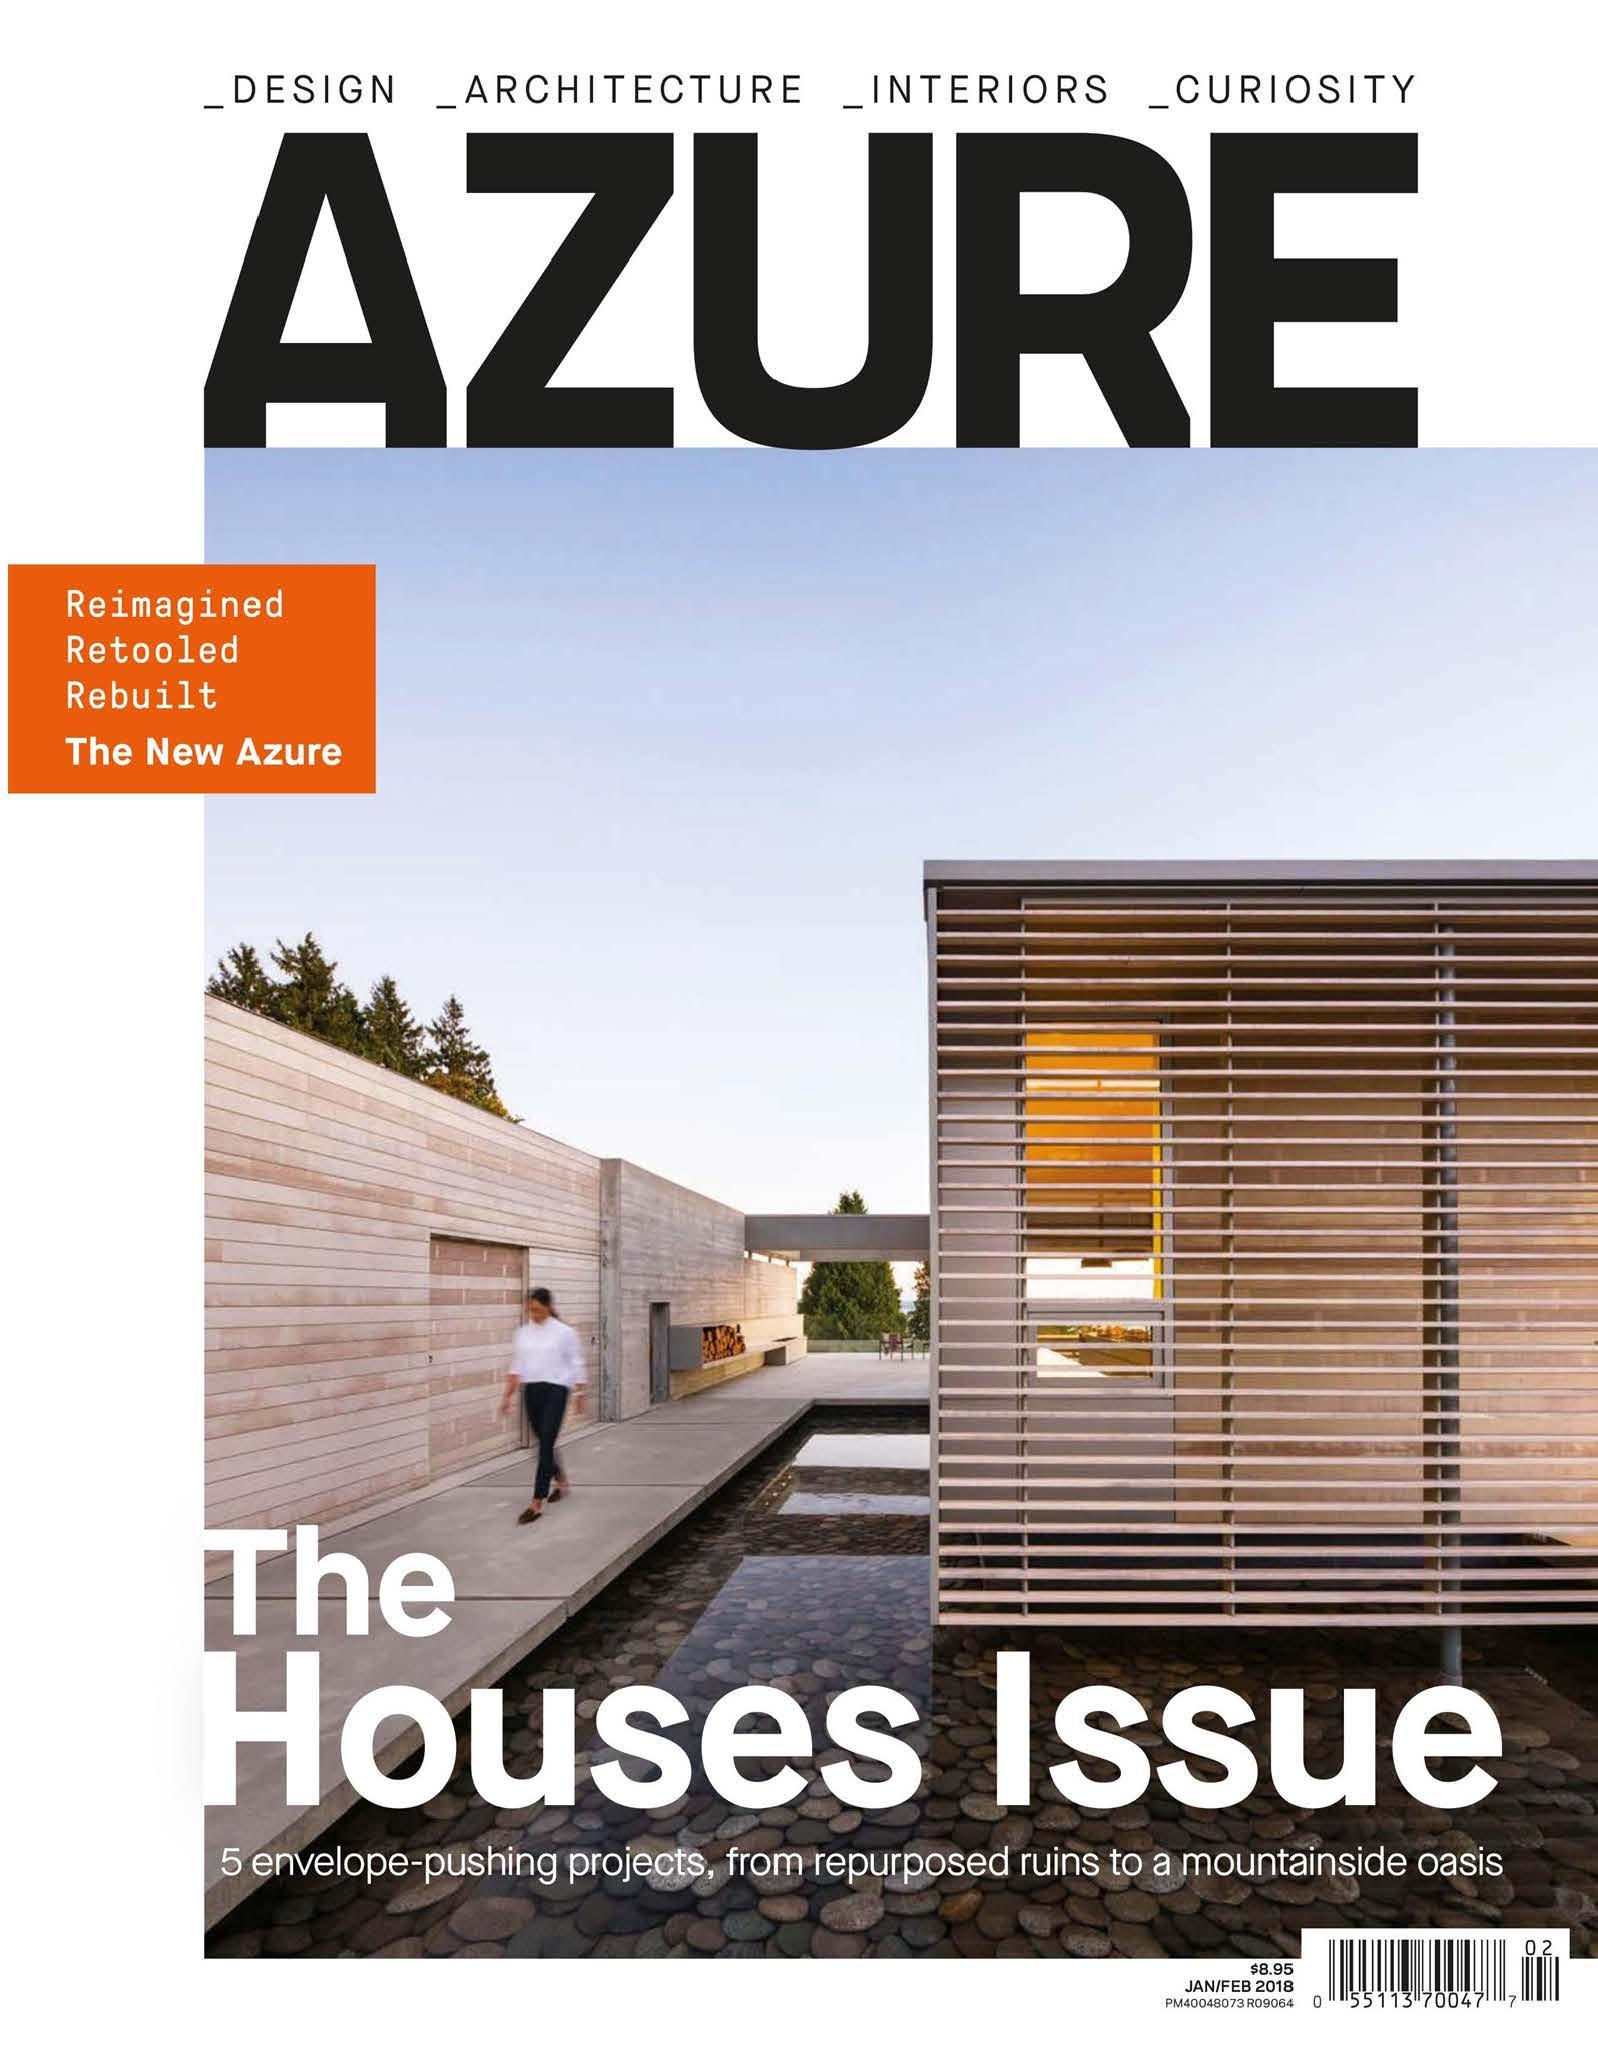 AZURE Magazine January 2018